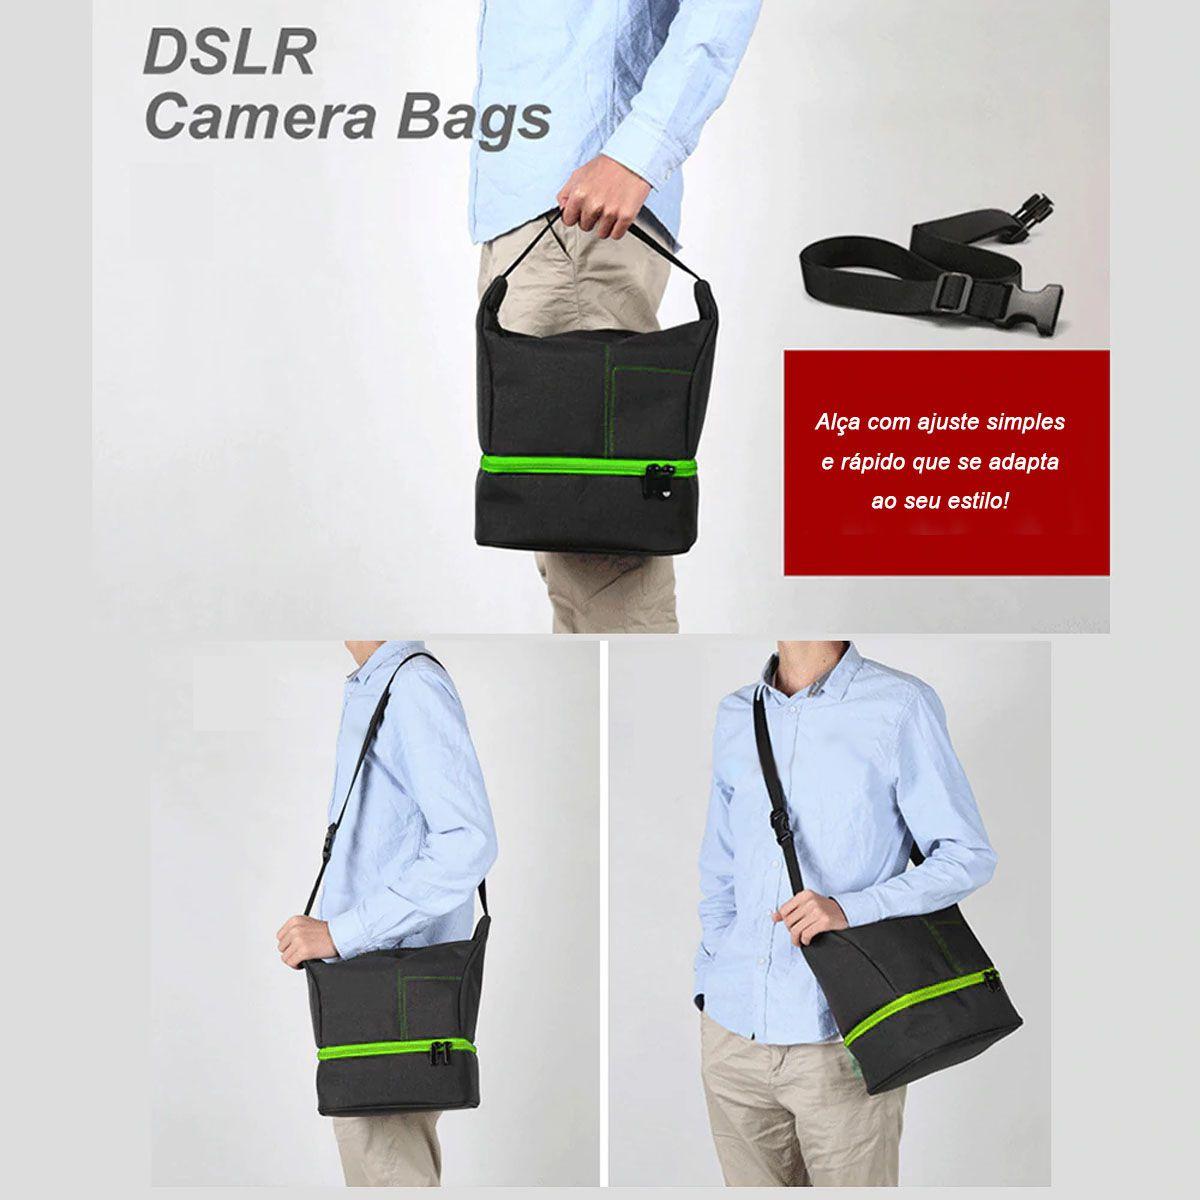 Bolsa Câmera DSLR ou Vídeo - ER 7513 VD com Kit de Limpeza EC01  - Diafilme Materiais Fotográficos